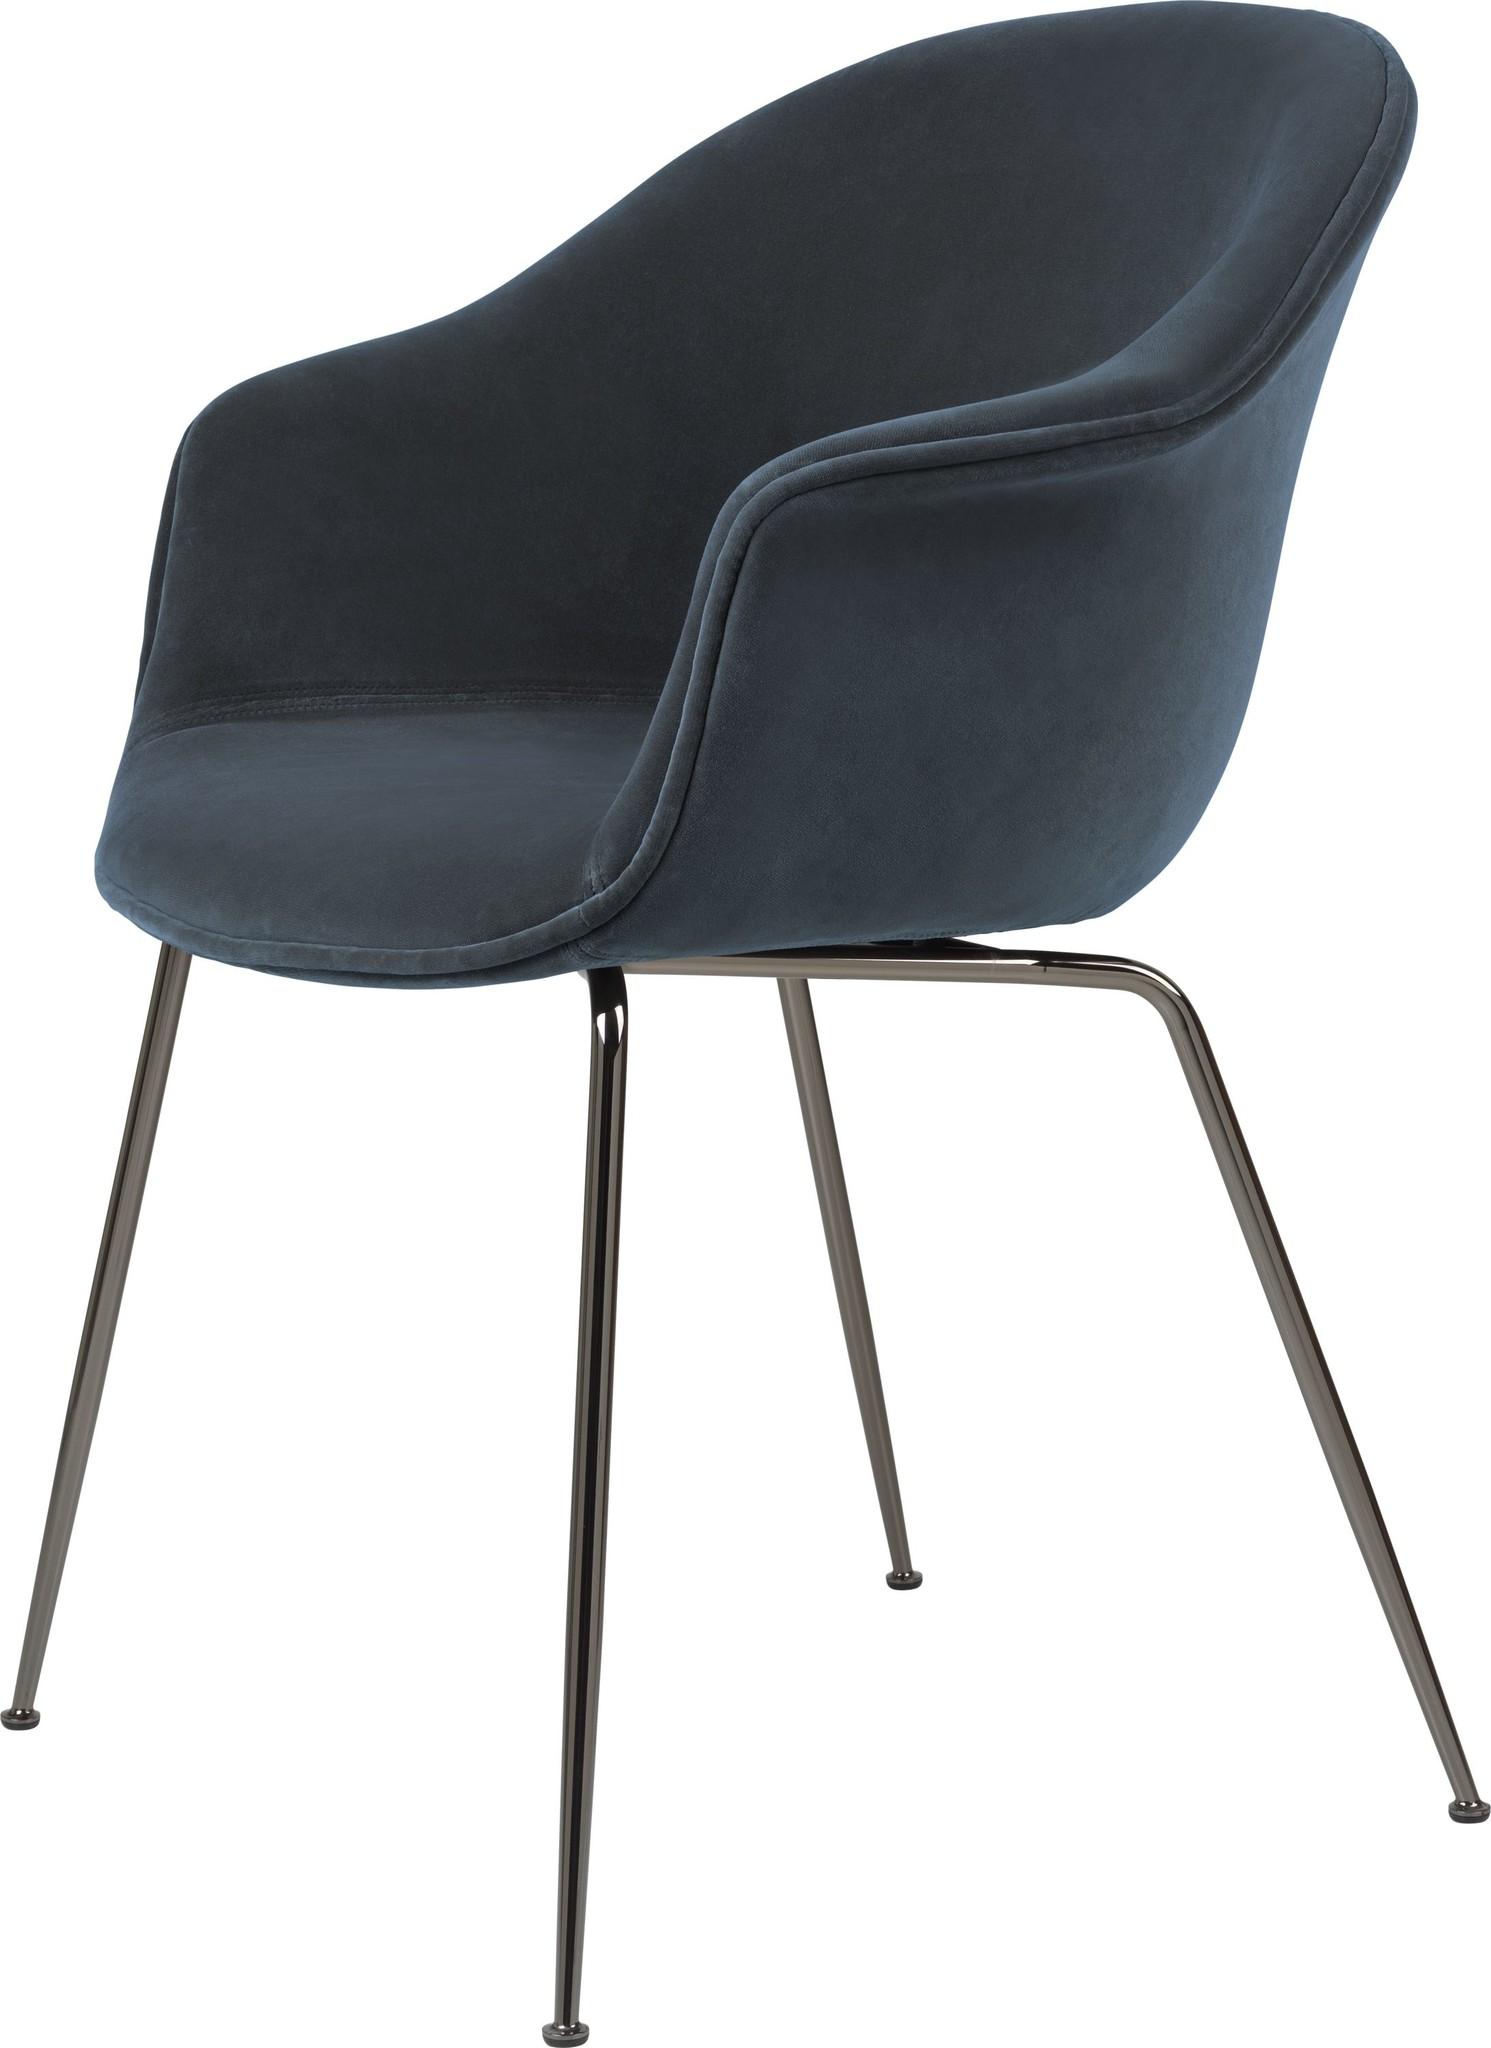 Bat Chair Volledig Gestoffeerd - Brass / Black - Vanaf € 898.00-3